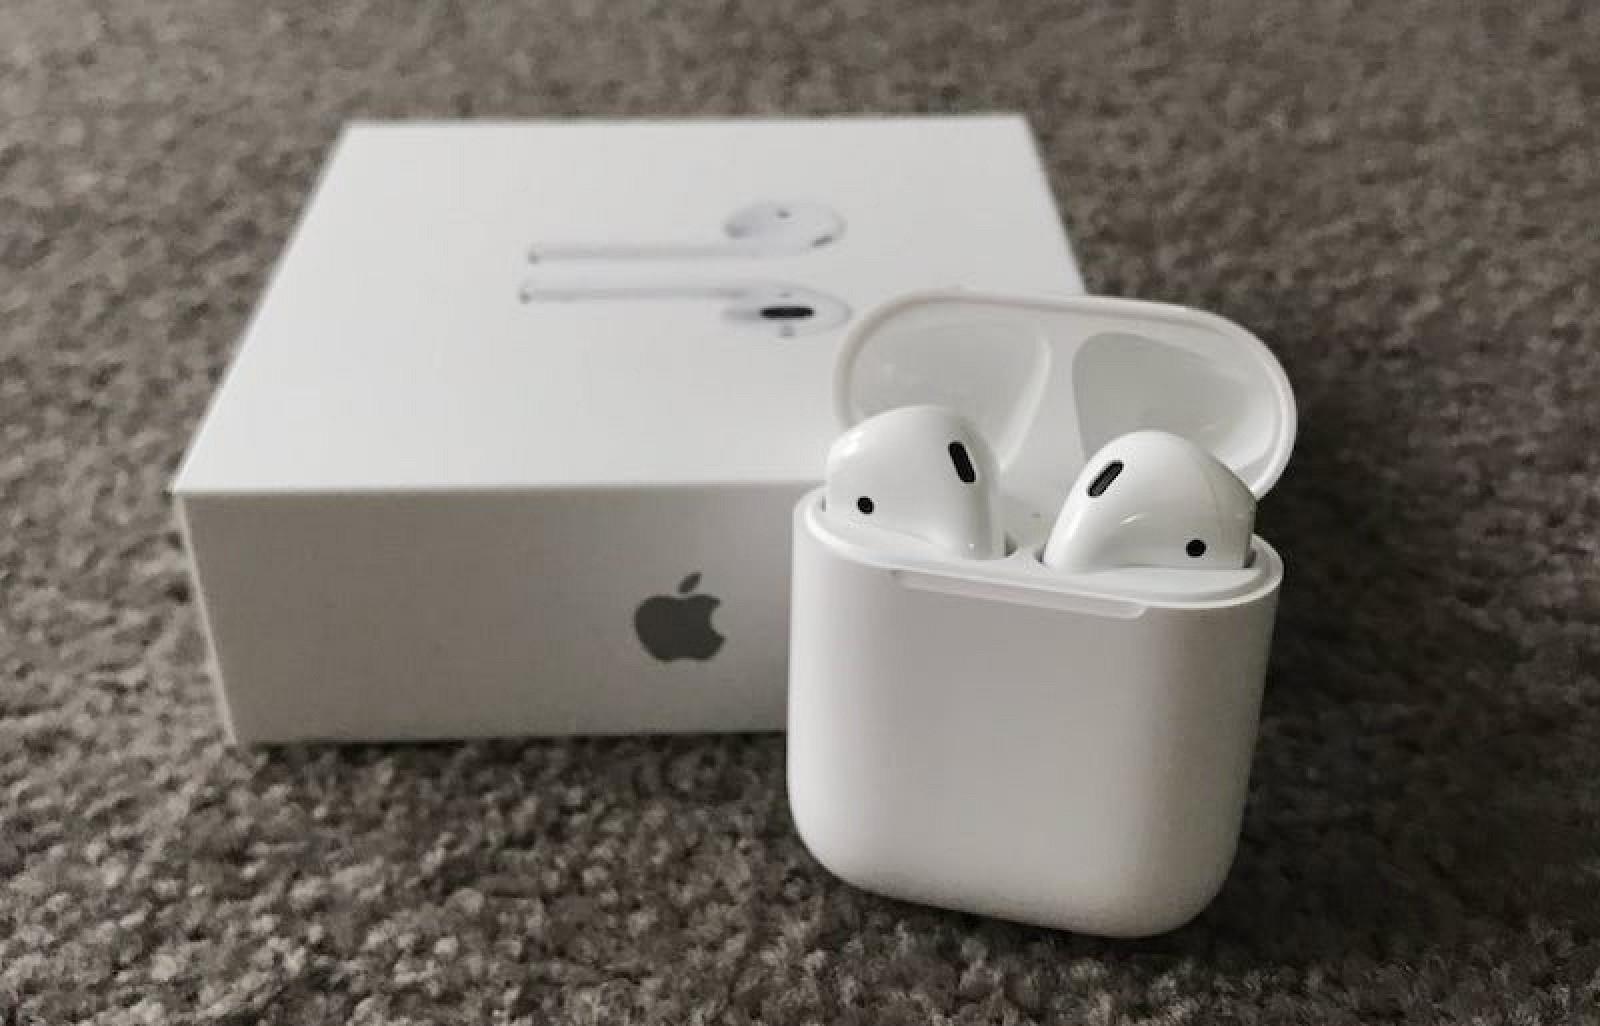 """Apple Airpods mit """"gravis-fit"""" Gutschein: 134,89 inkl Versand / 129,90 Filialabholung sofern vorrätig"""